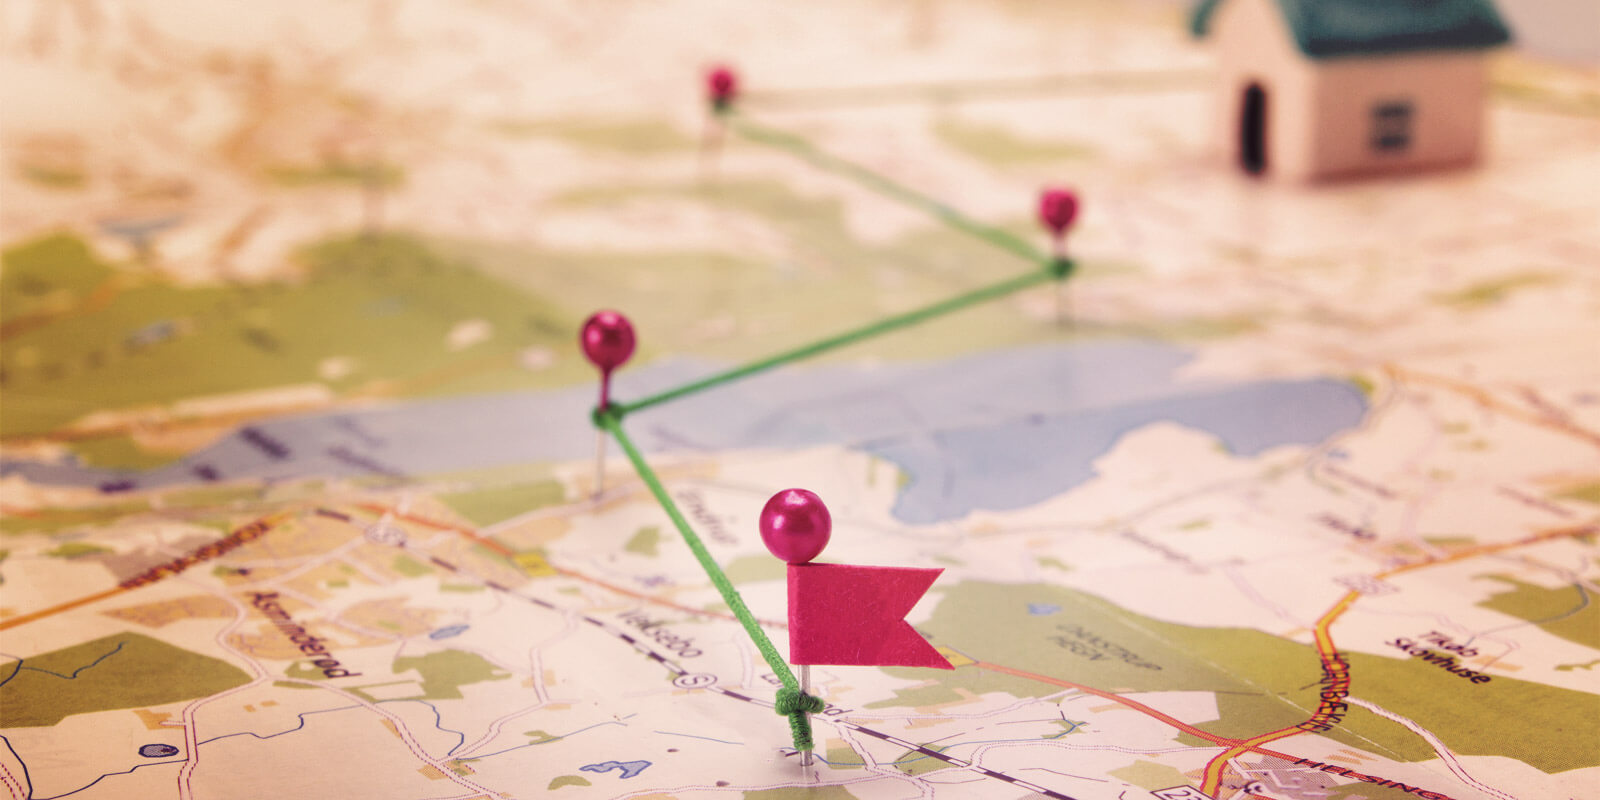 Mapa de recorrido del cliente: Entender a los clientes, adquirir nuevos clientes